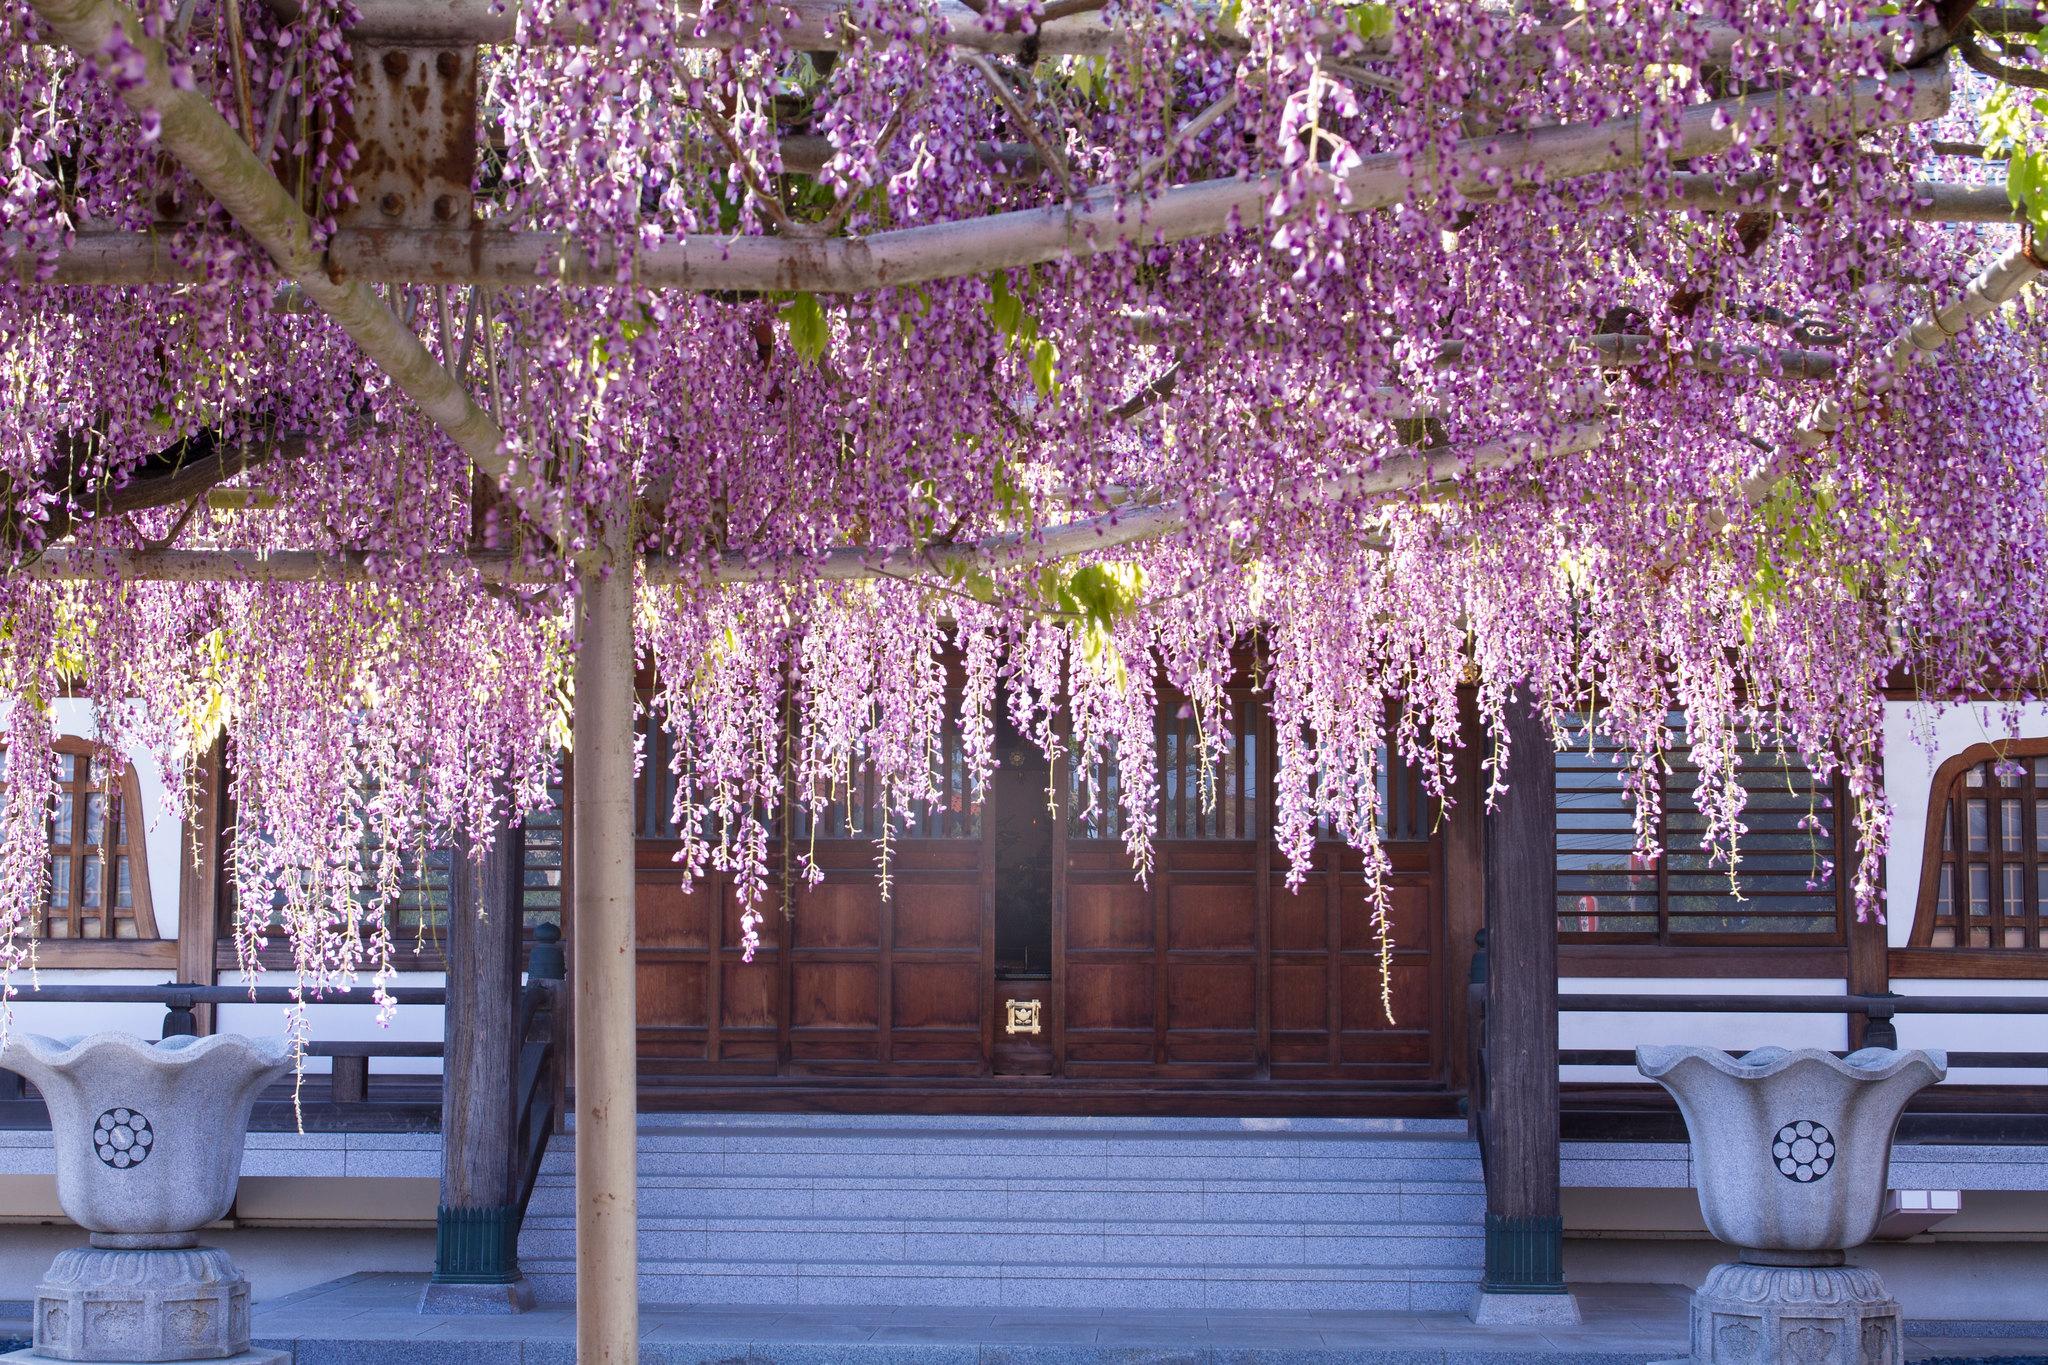 A wisteria garden